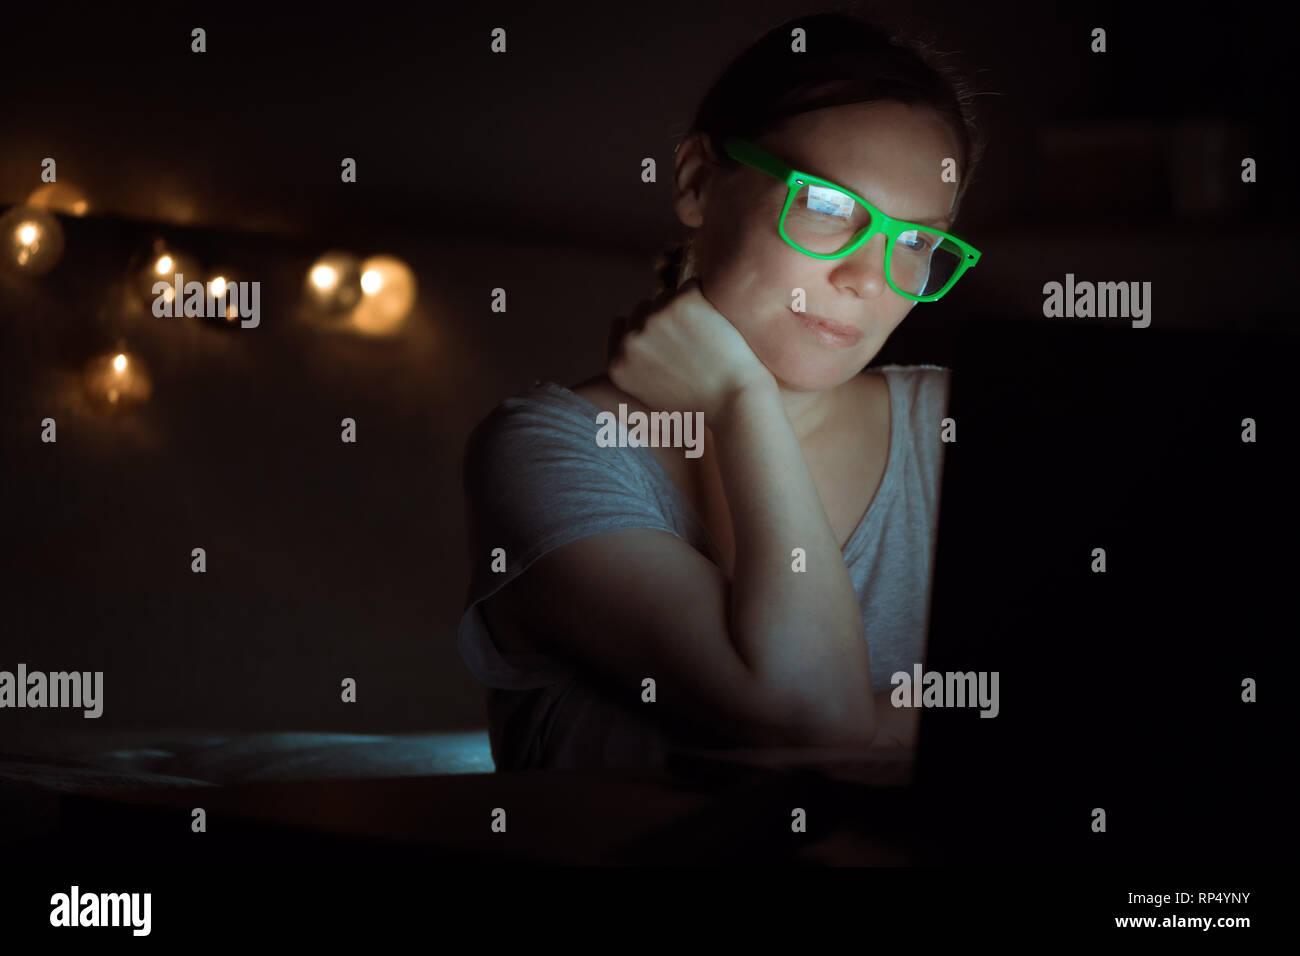 Mujer trabajando horas extraordinarias en un portátil a altas horas de la noche, low key retrato de mujer emprendedora en entornos de oficina doméstica Terminar tarea empresarial Foto de stock